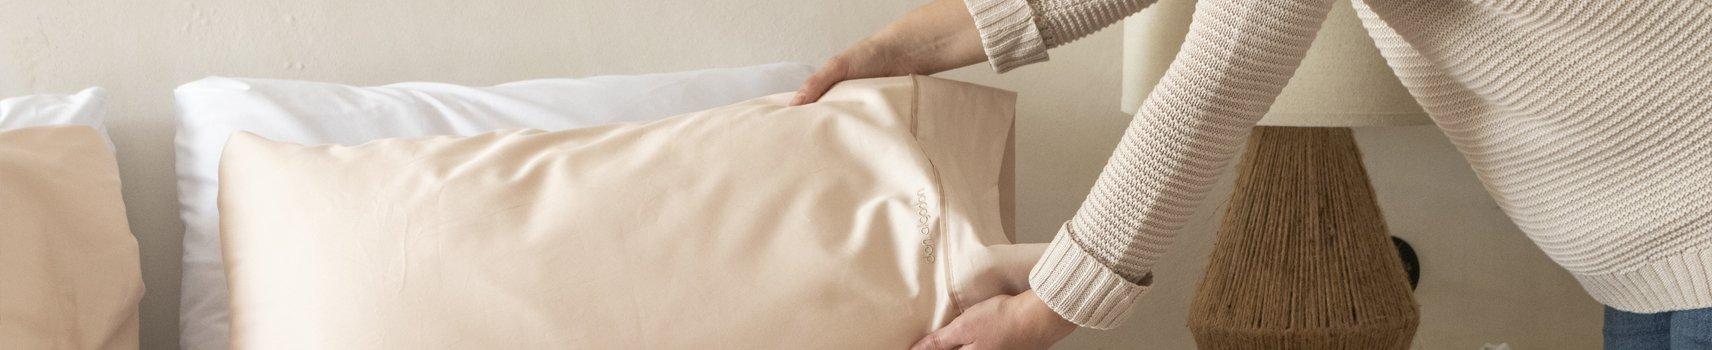 La mejor ropa de cama para tus habitaciones | Don Algodón